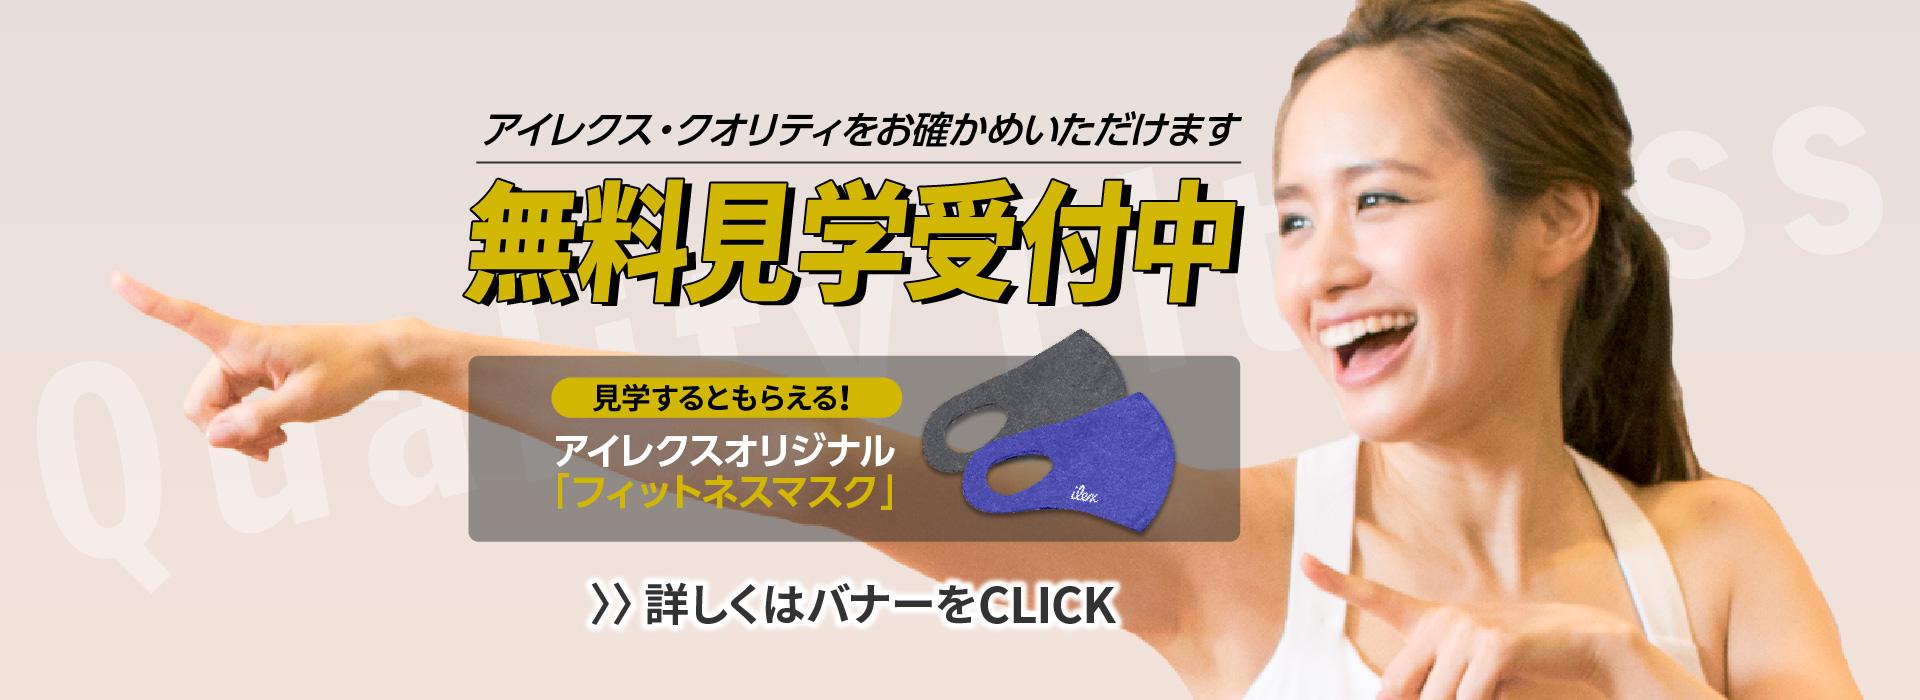 無料見学受付中!今なら見学でマスクプレゼント。